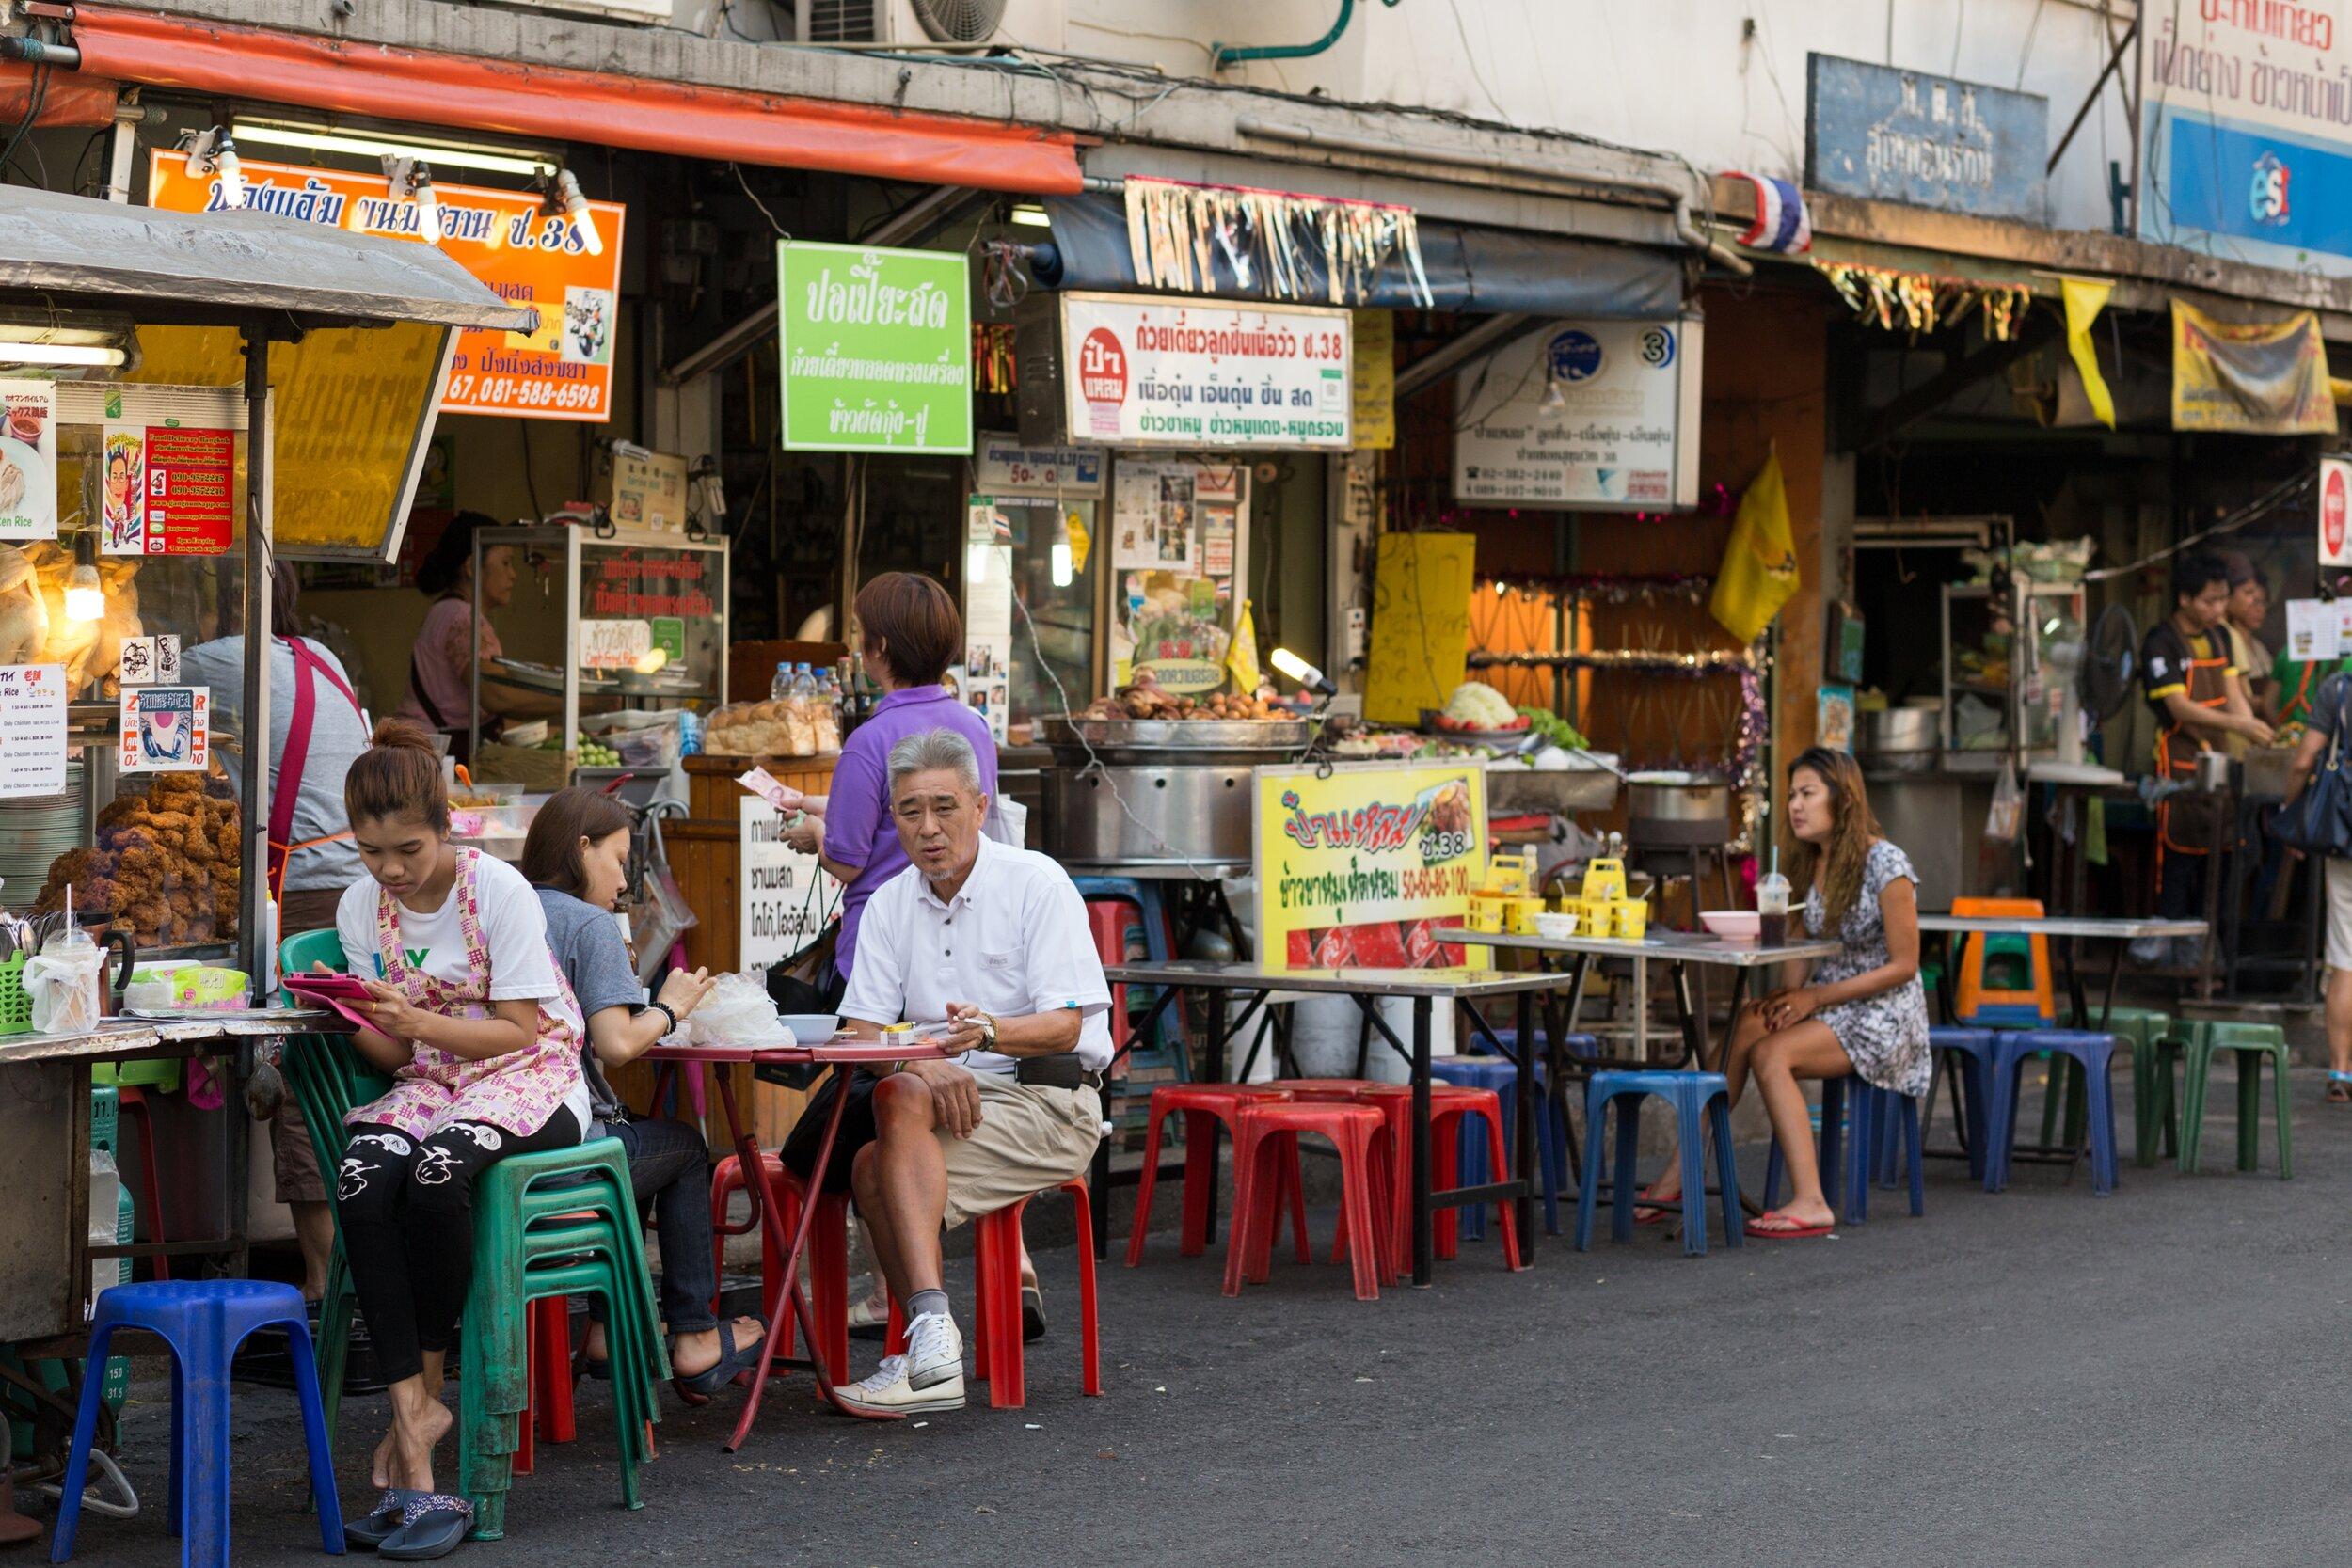 Thai street food at Bangkok night market.